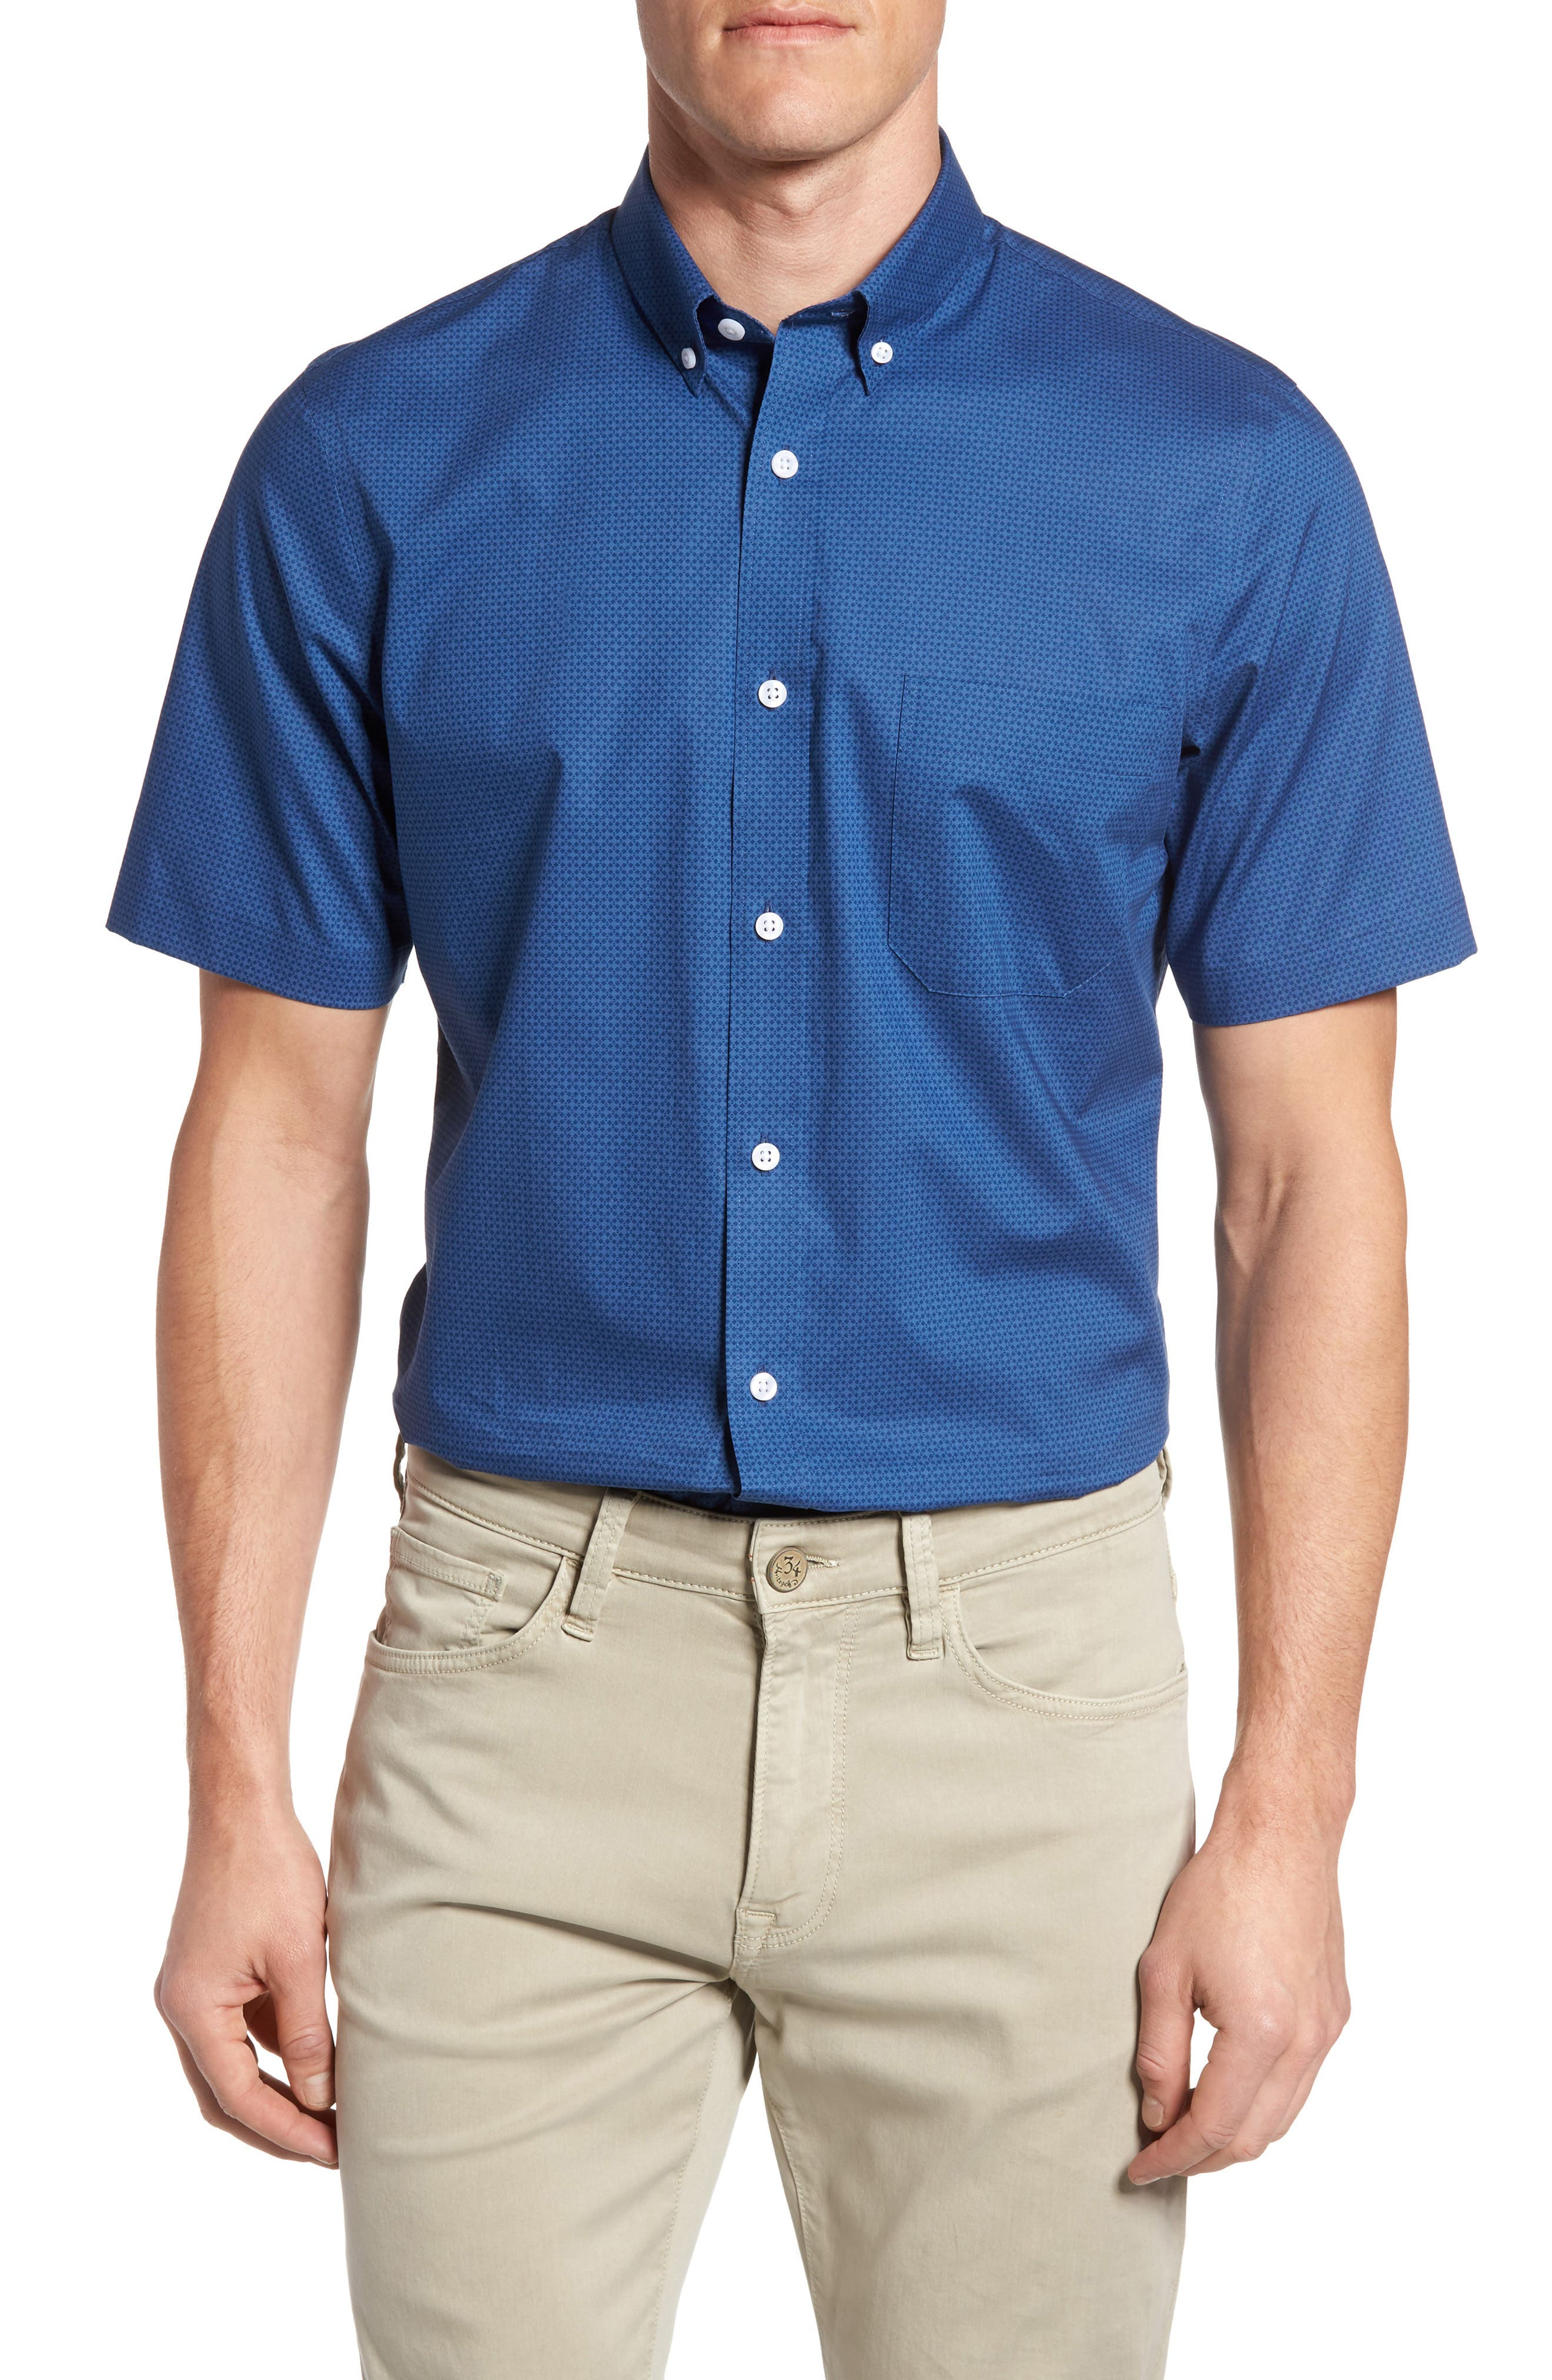 Nordstrom Men's Shop Regular Fit Non-Iron Print Sport Shirt (Big)